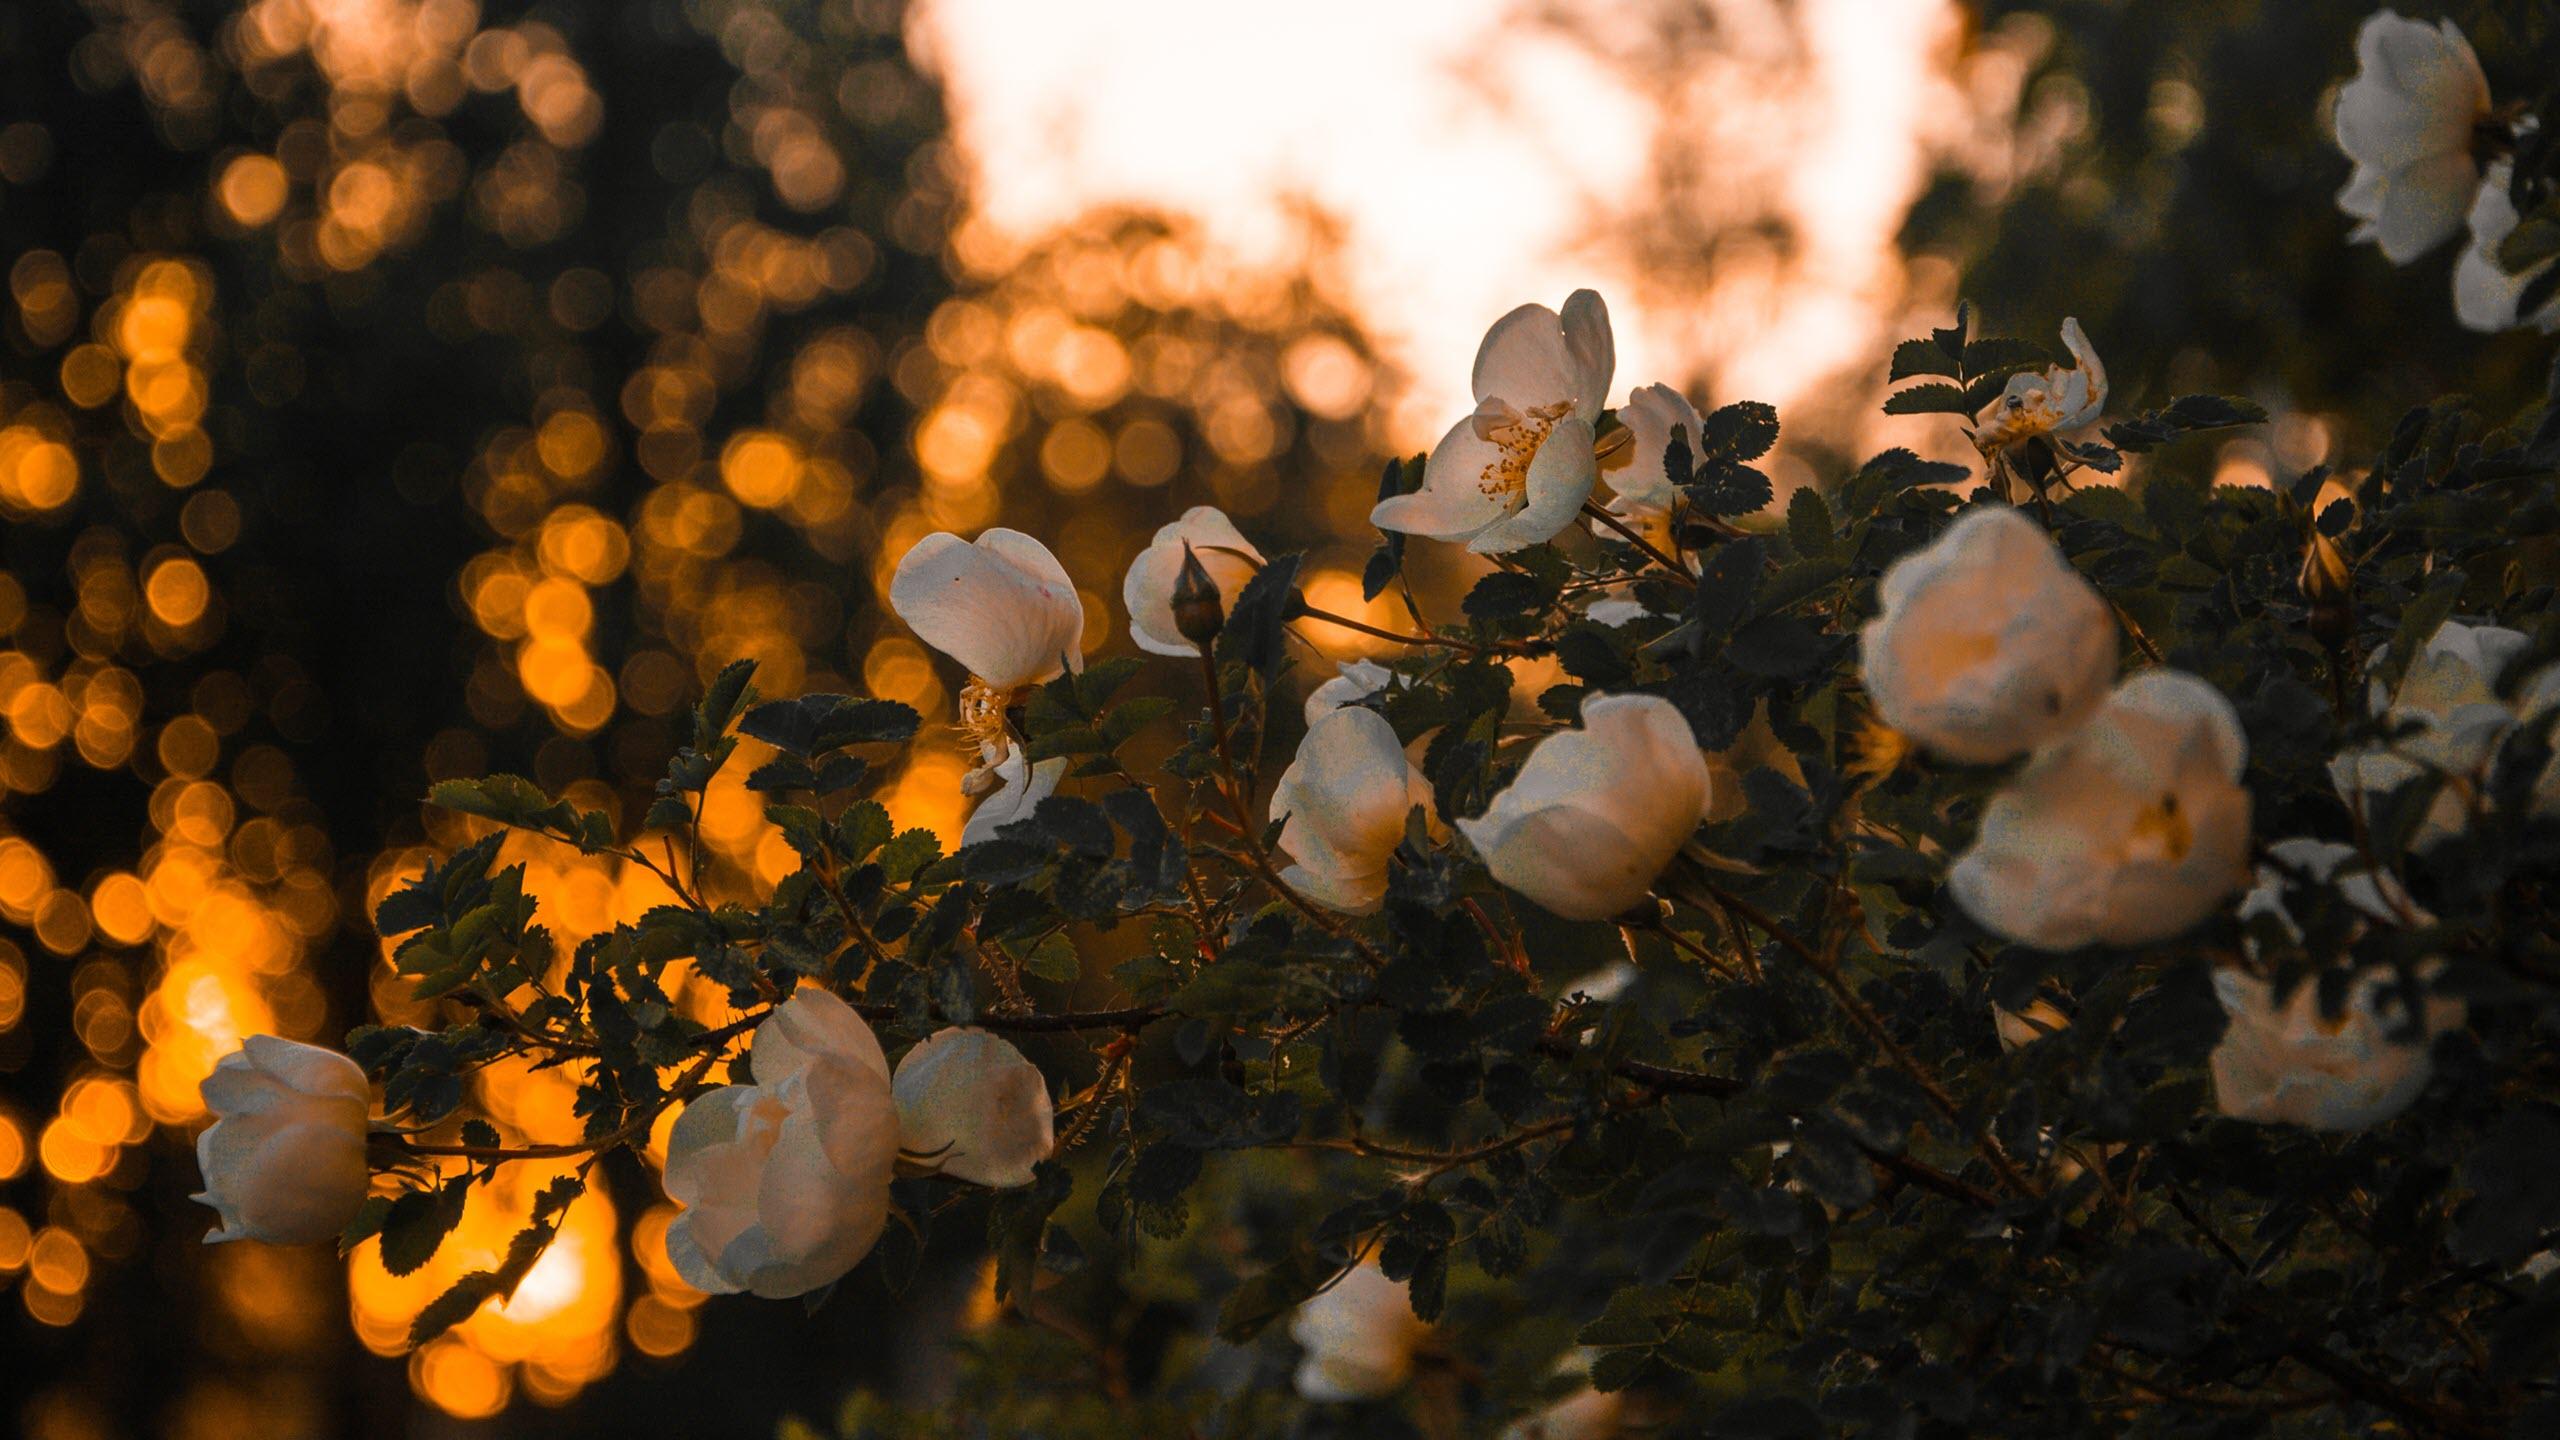 Hình nền mùa xuân đơn giản đẹp